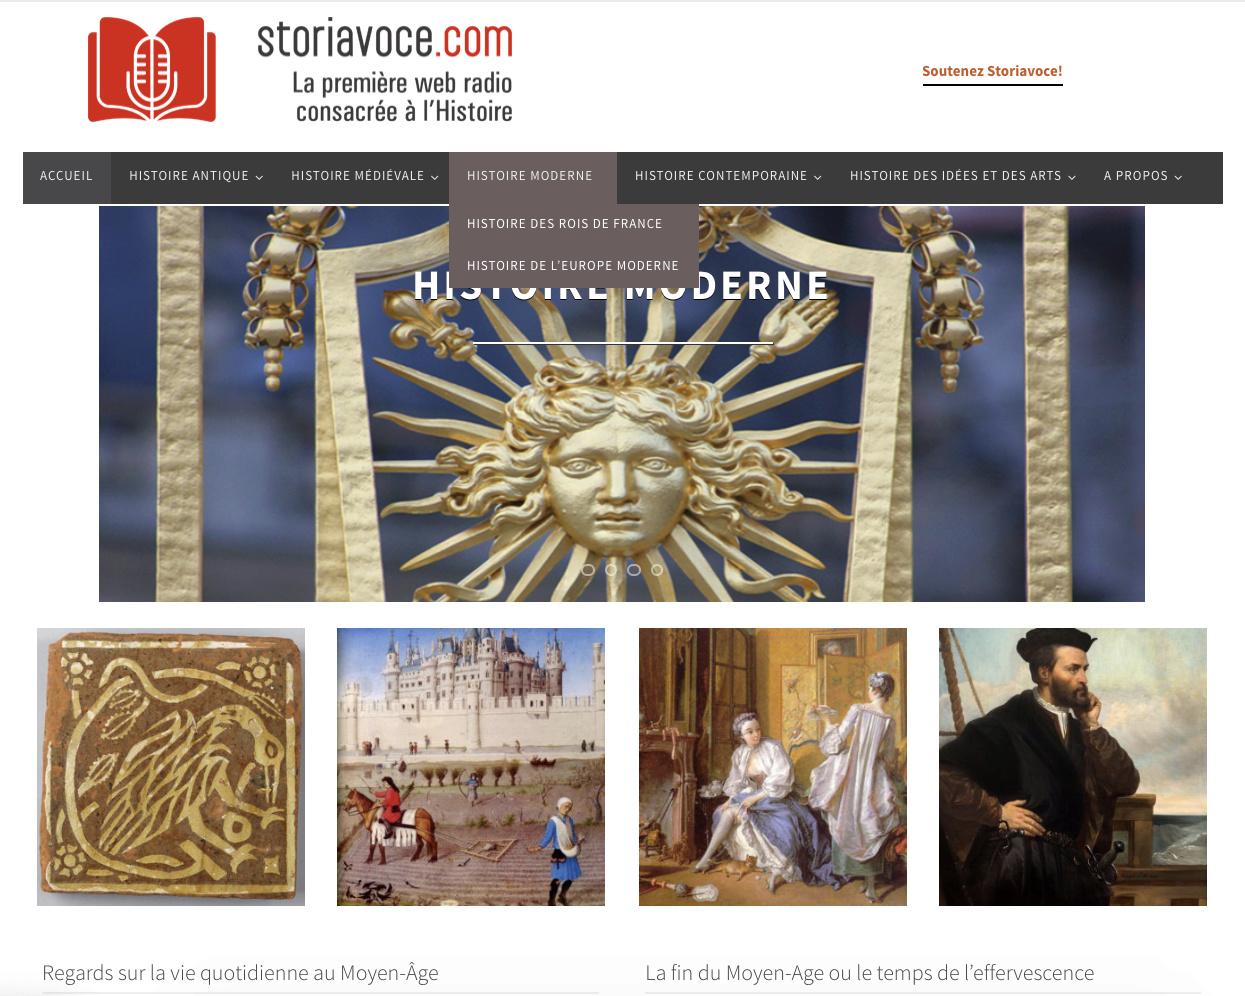 Storia Voce : la première radio sur internet dédiée à l'Histoire Captu628